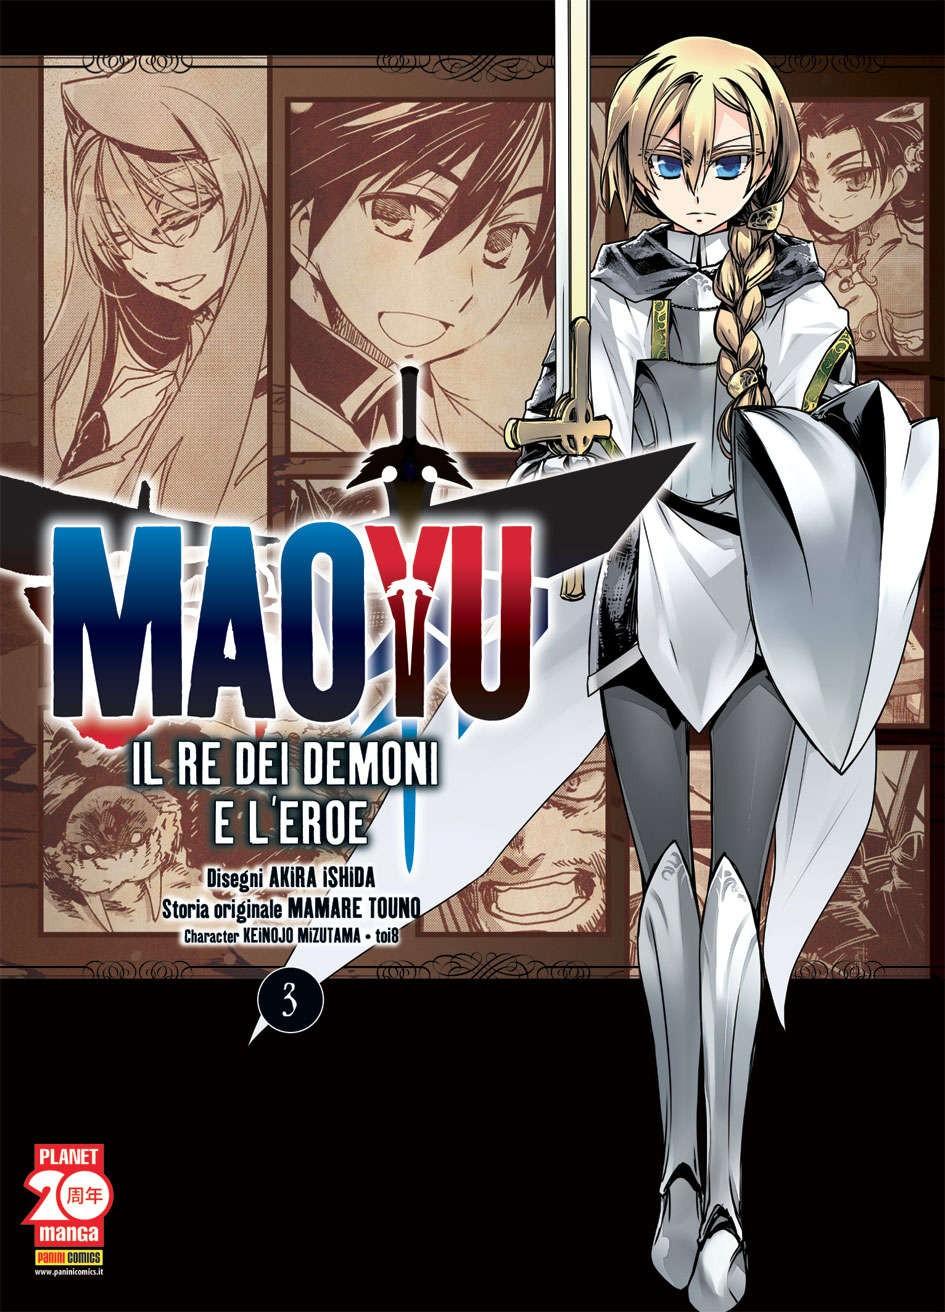 Maoyu (M18) - N° 3 - Il Re Dei Demoni E L'Eroe - Manga Icon Planet Manga